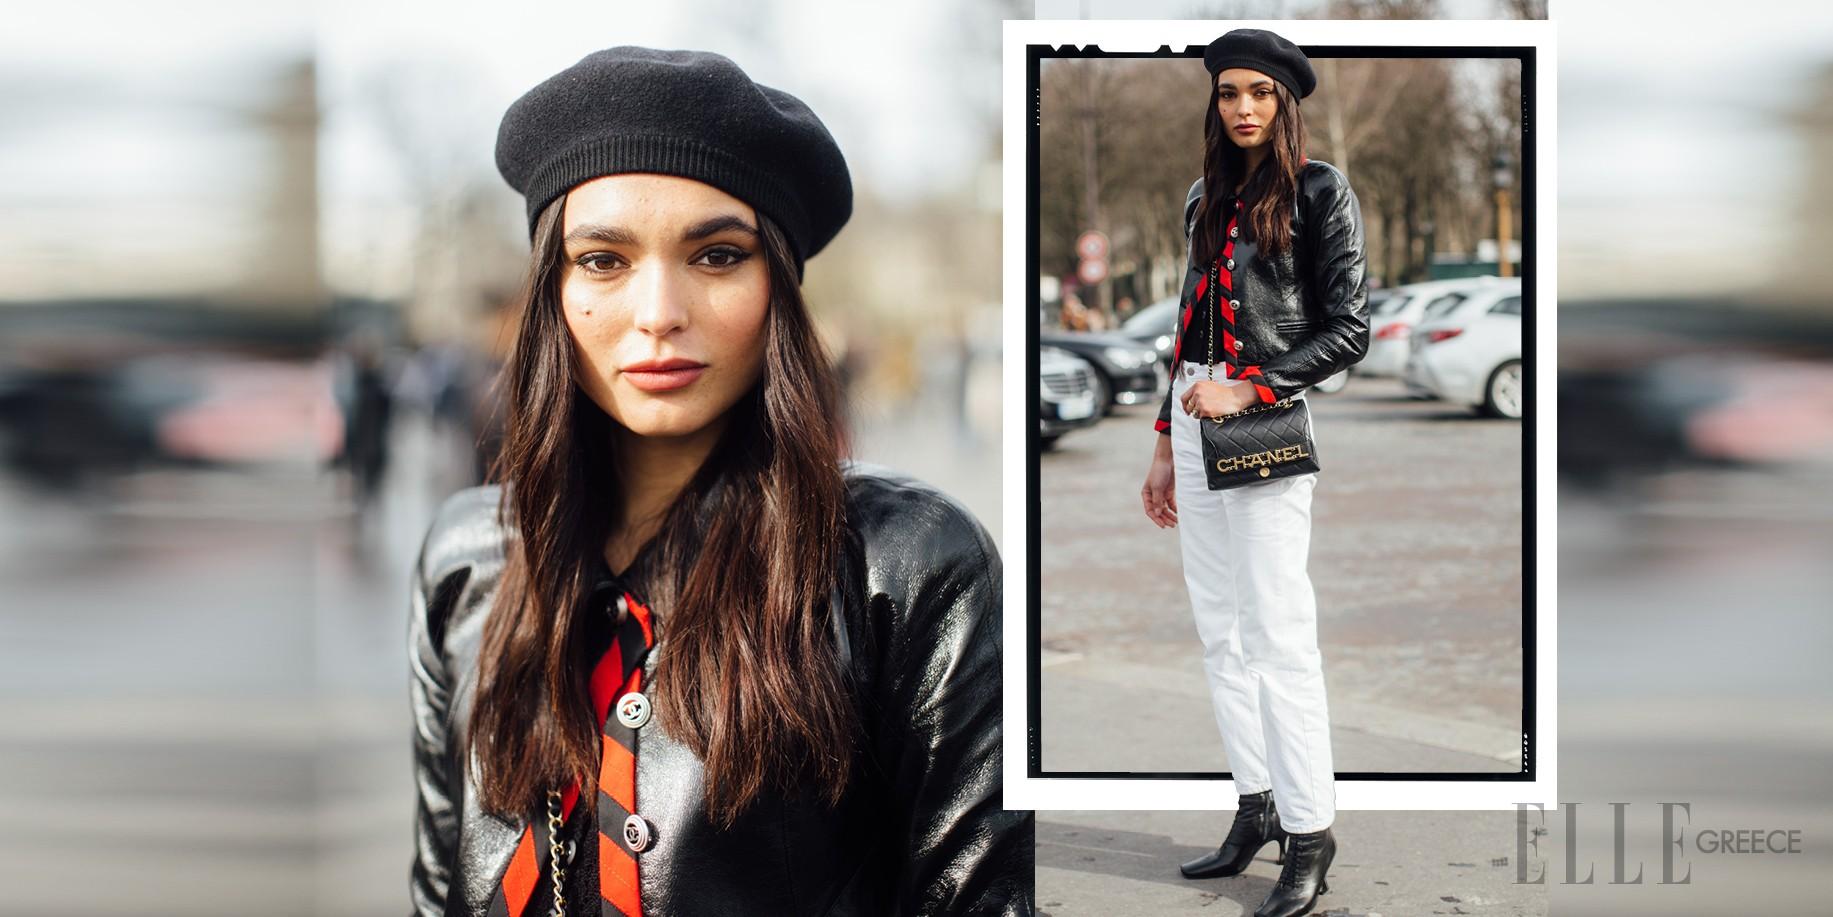 Emily in Paris: Το αγαπημένο αξεσουάρ της πρωταγωνίστριας είναι το trend του χειμώνα